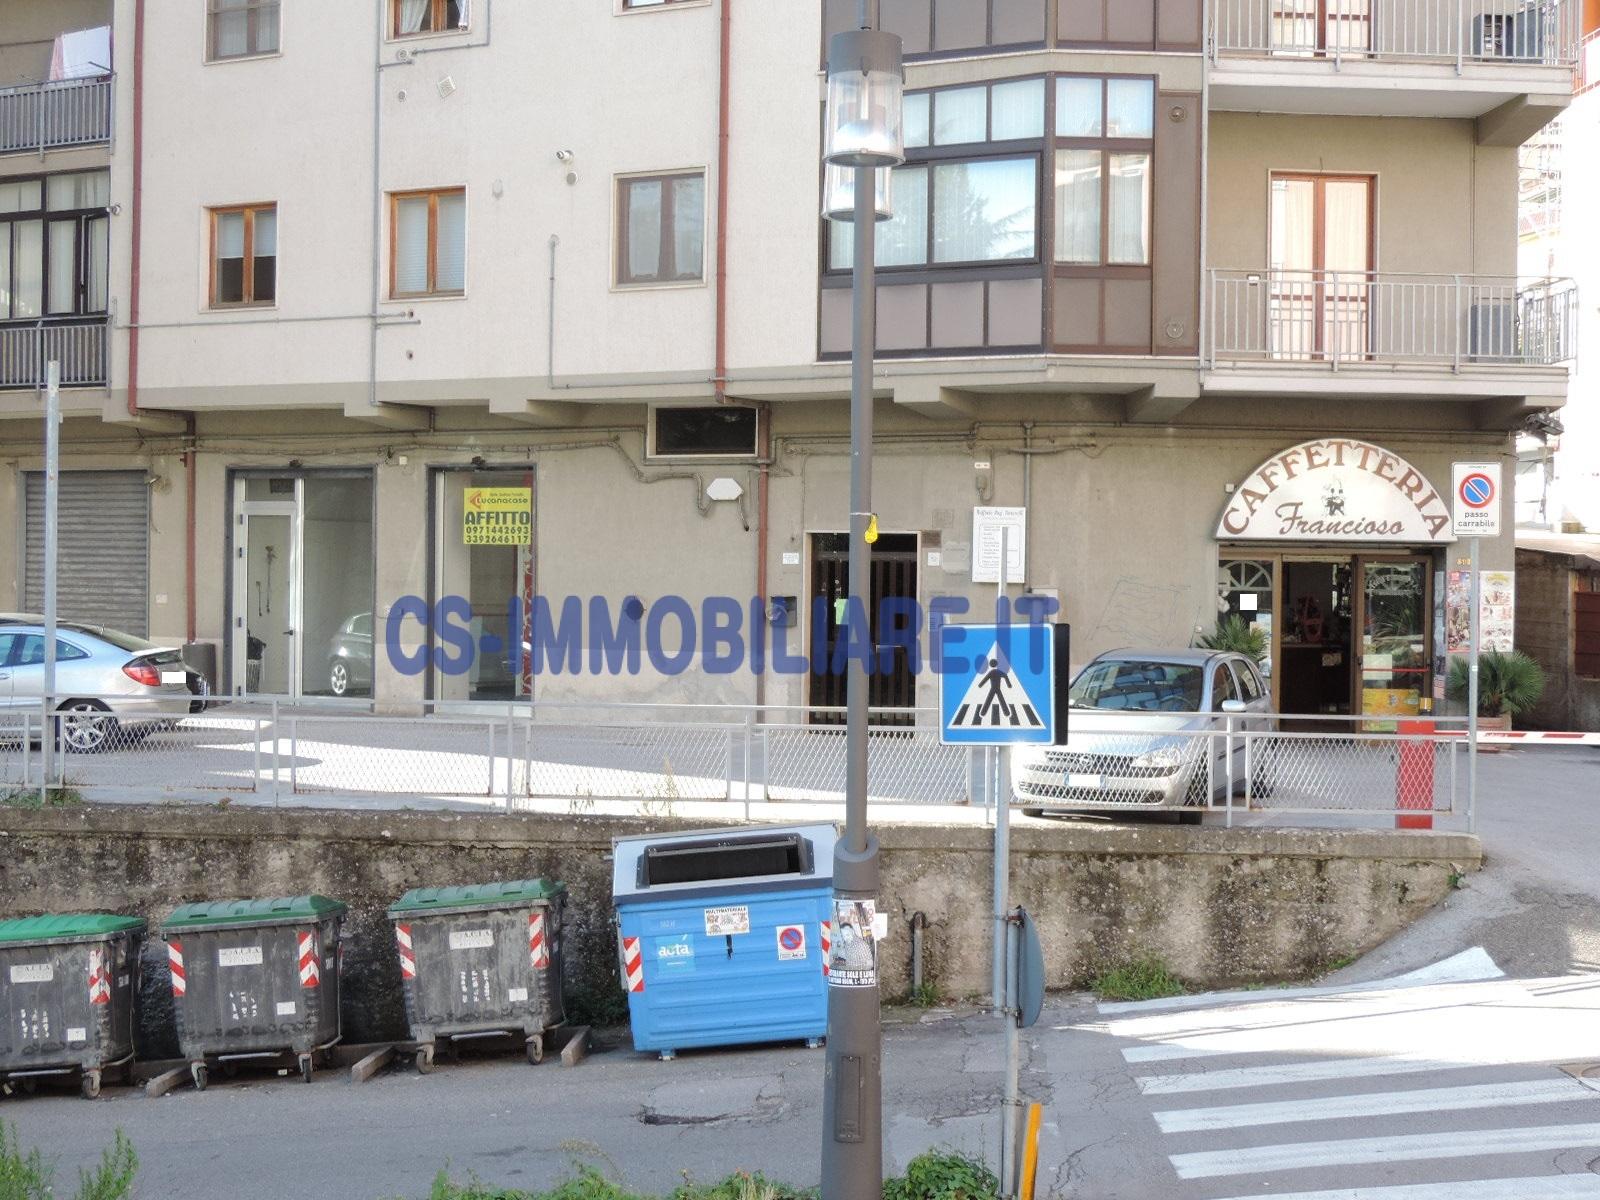 Negozio / Locale in affitto a Potenza, 9999 locali, zona Zona: Francioso, prezzo € 900 | CambioCasa.it